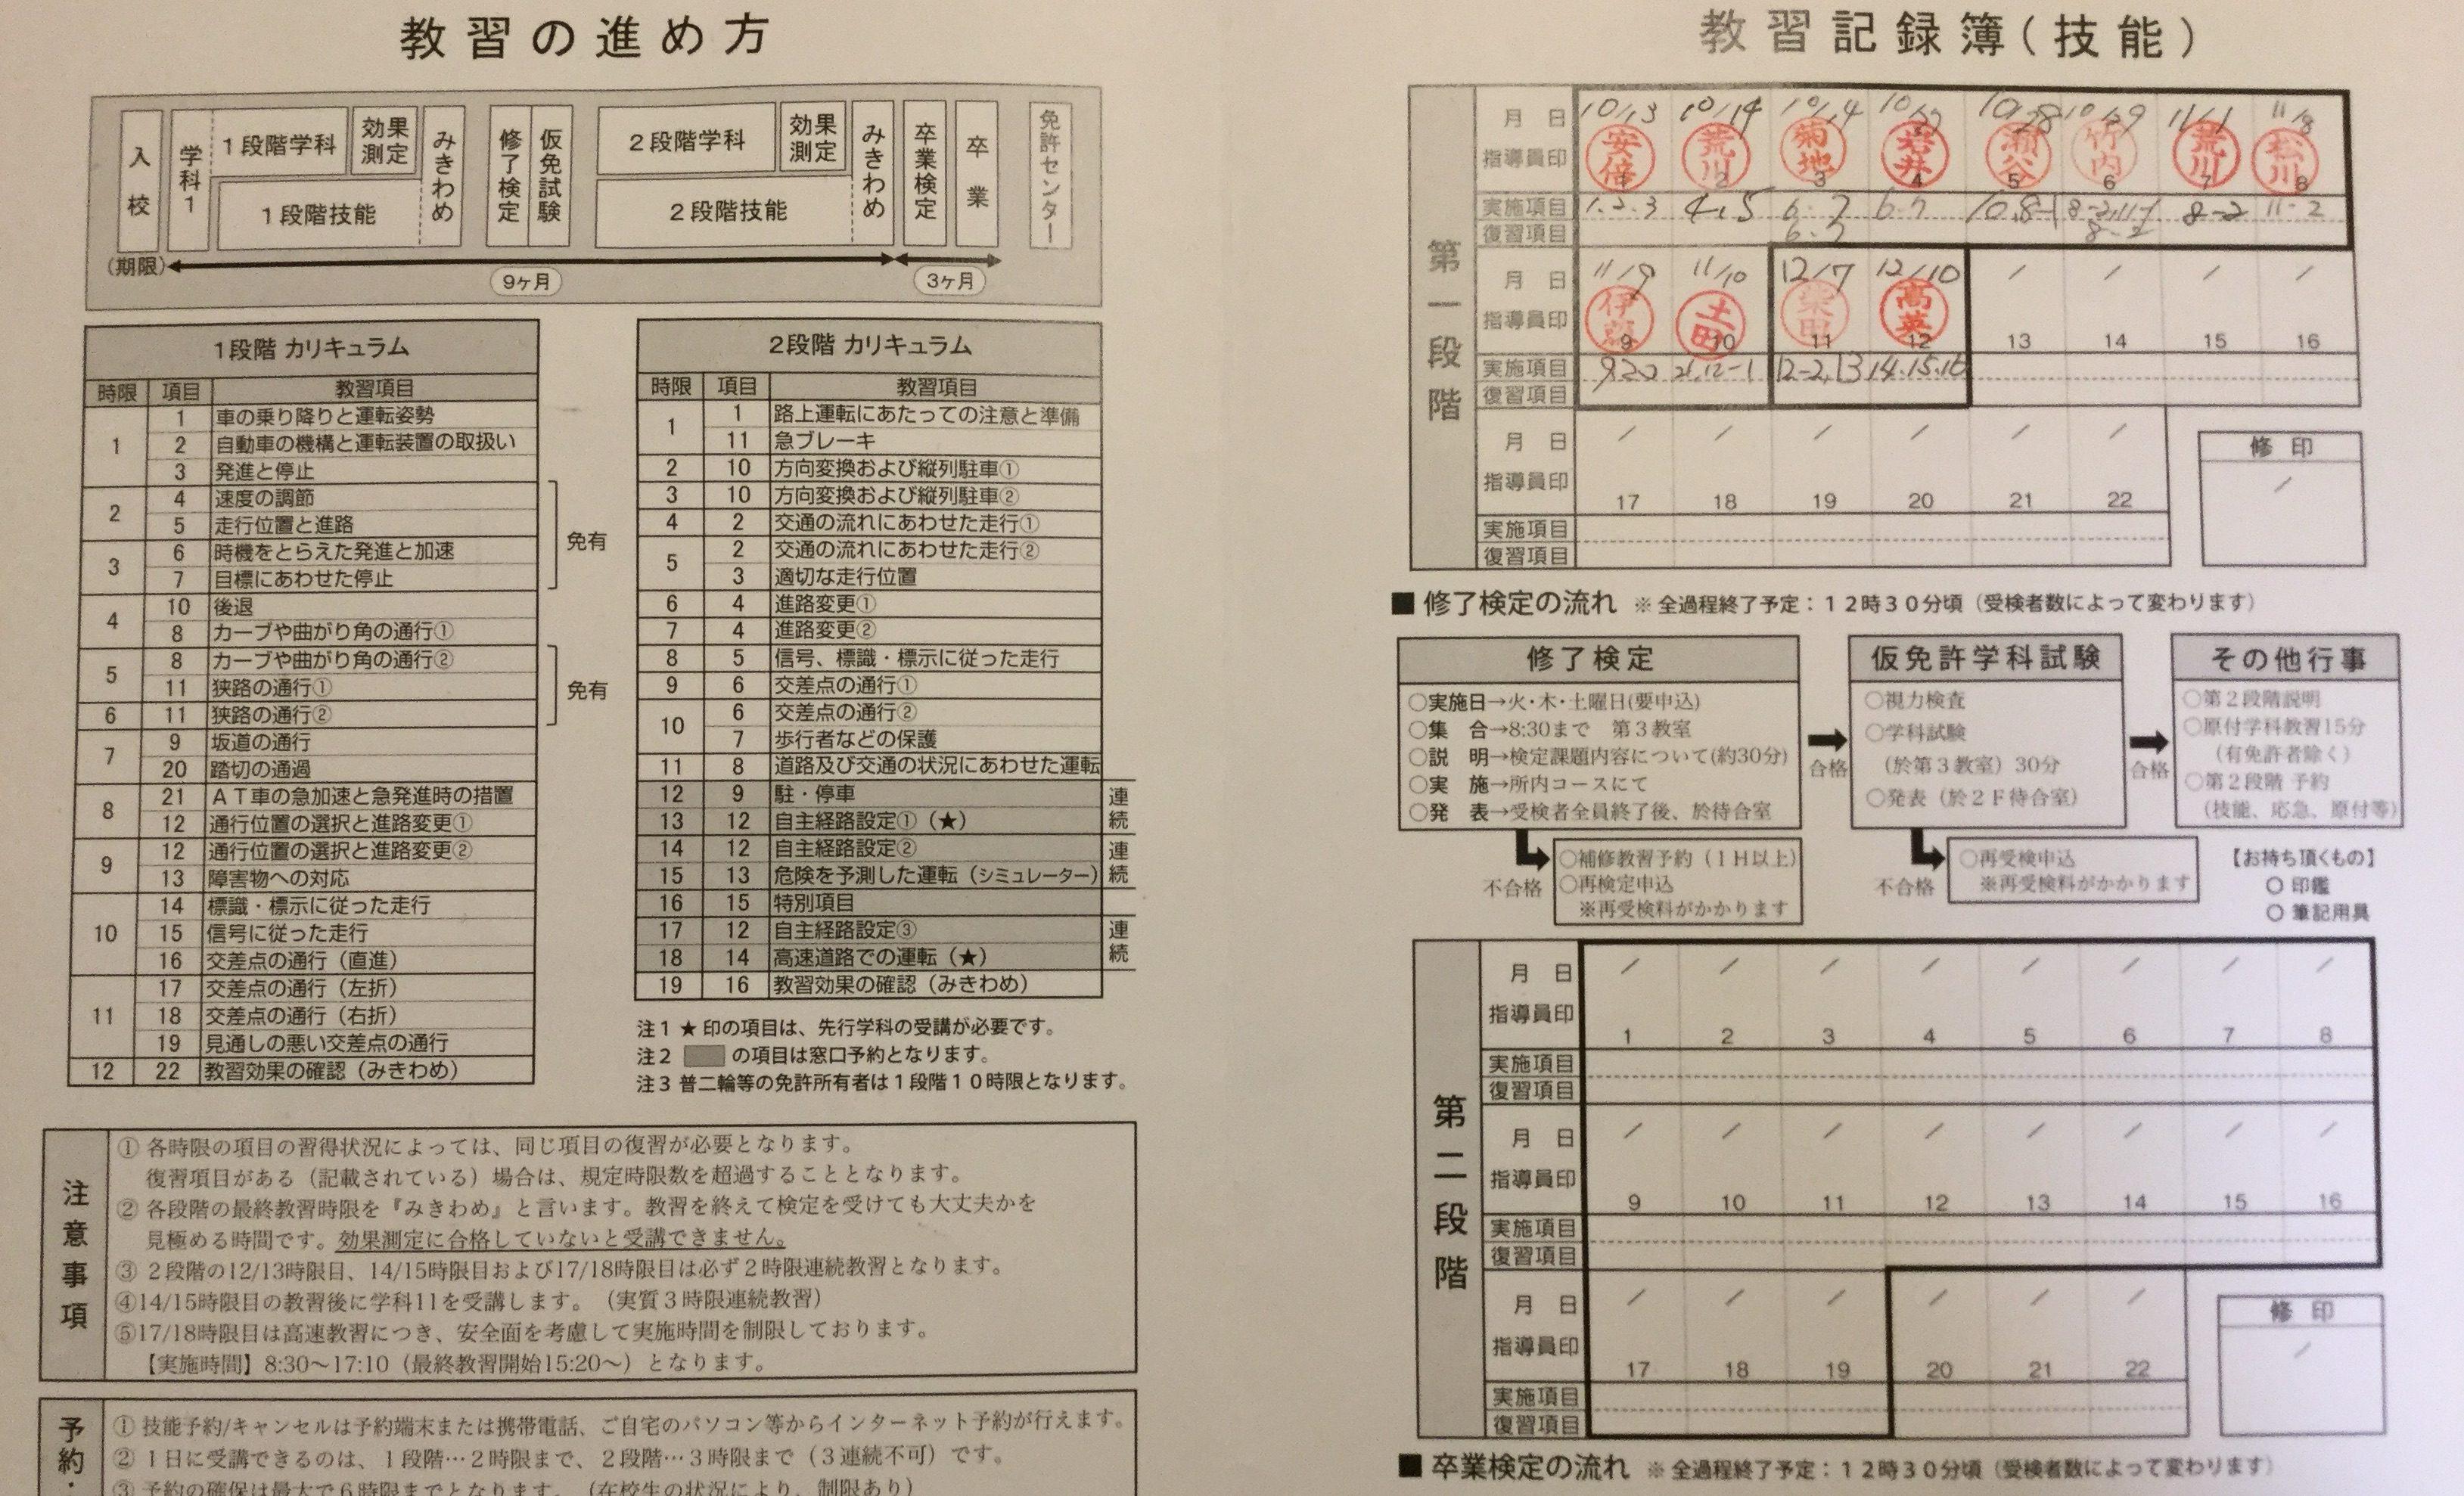 Le permis de conduire et l'amour du Japon pour les procédures